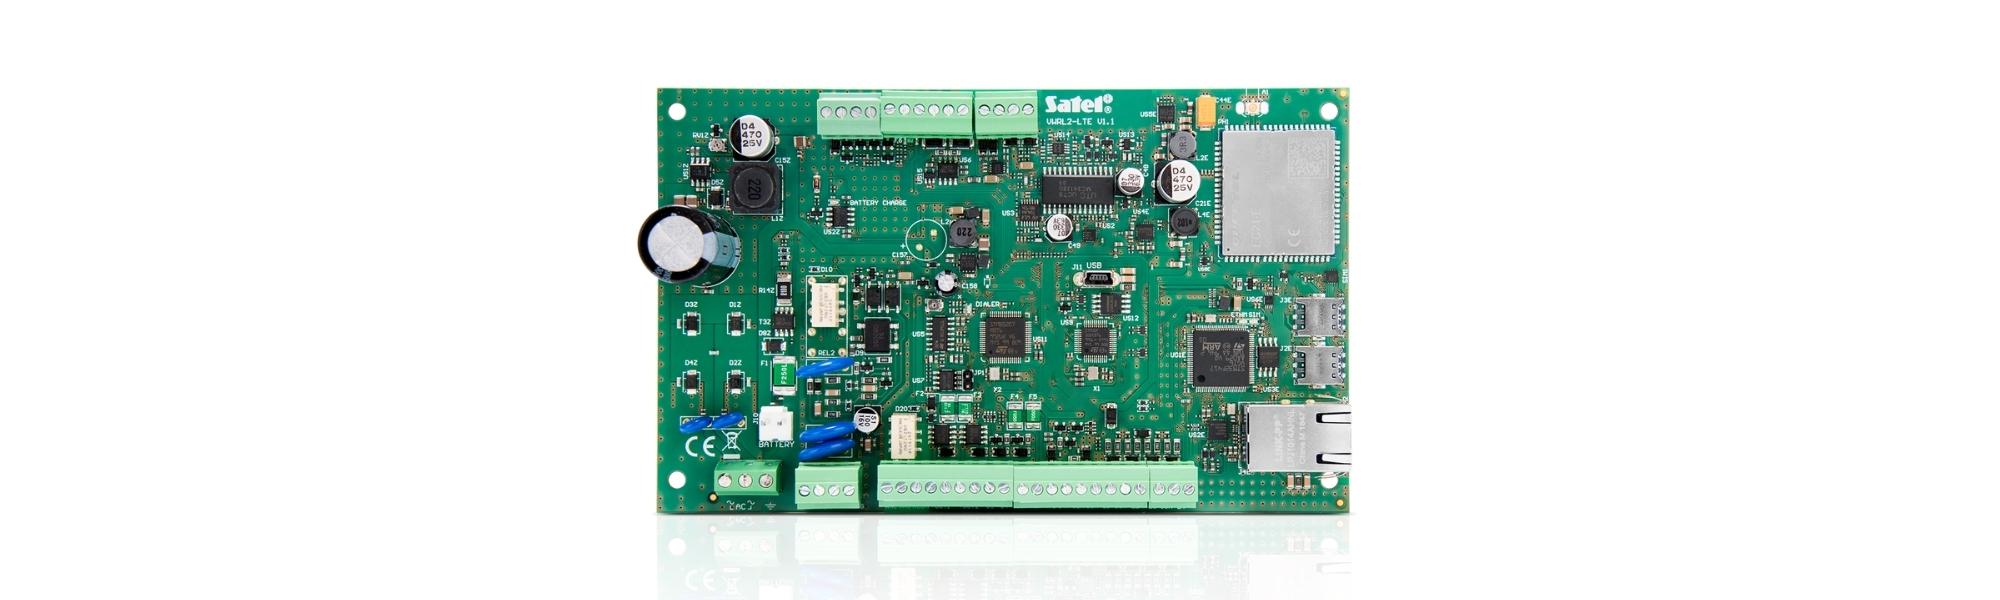 VERSA Plus LTE: comunicazione 4G e integrazione completa